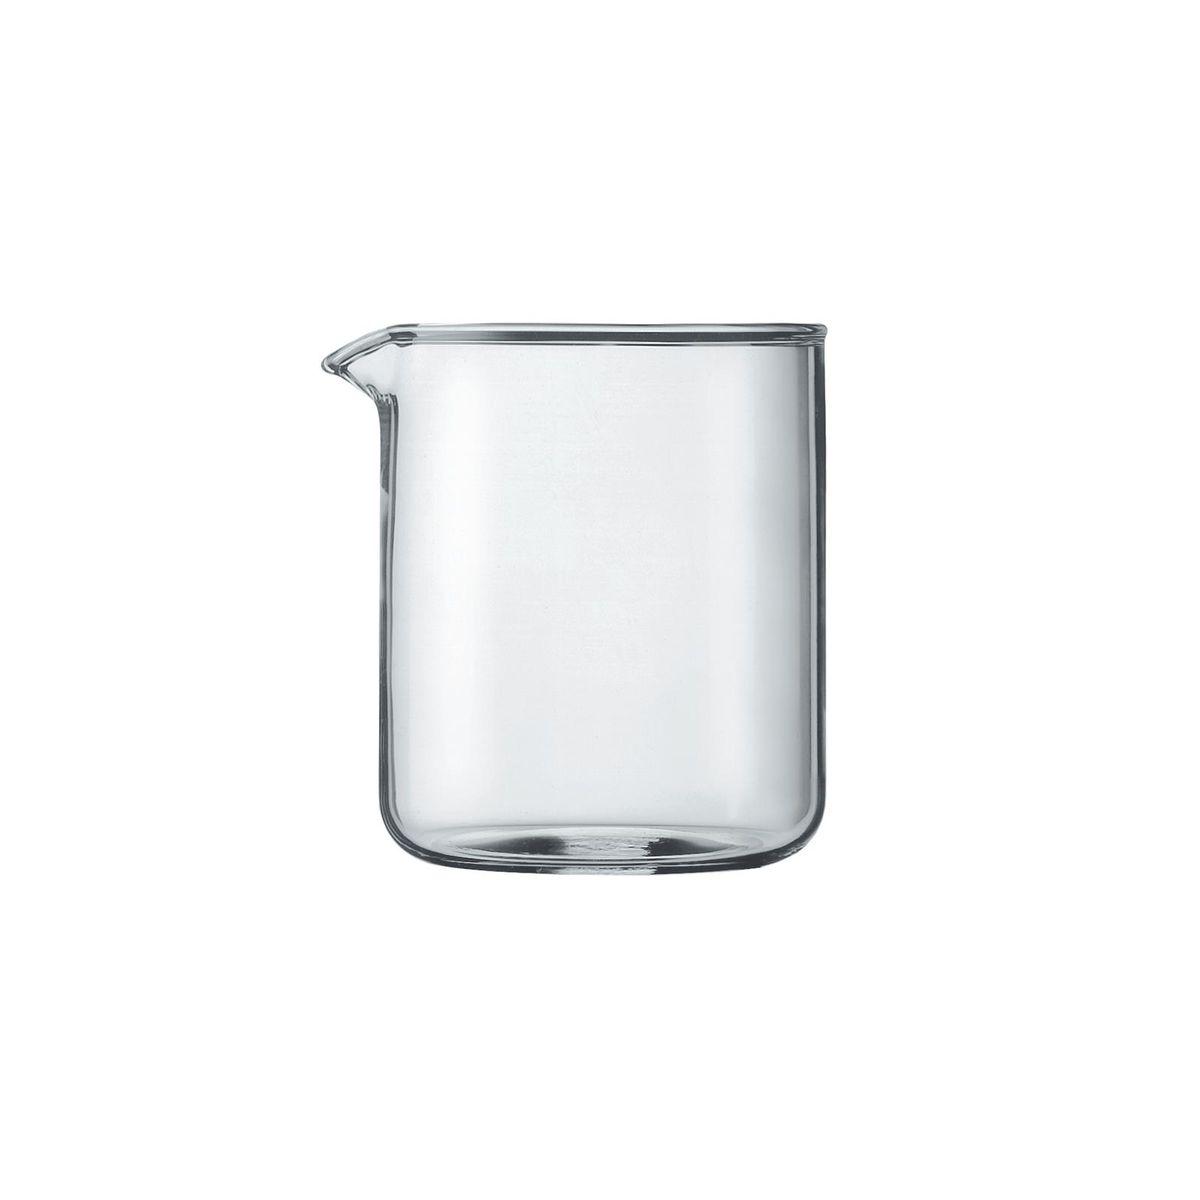 Pièce de rechange : verre de rechange cafetière 4 tasses - Bodum